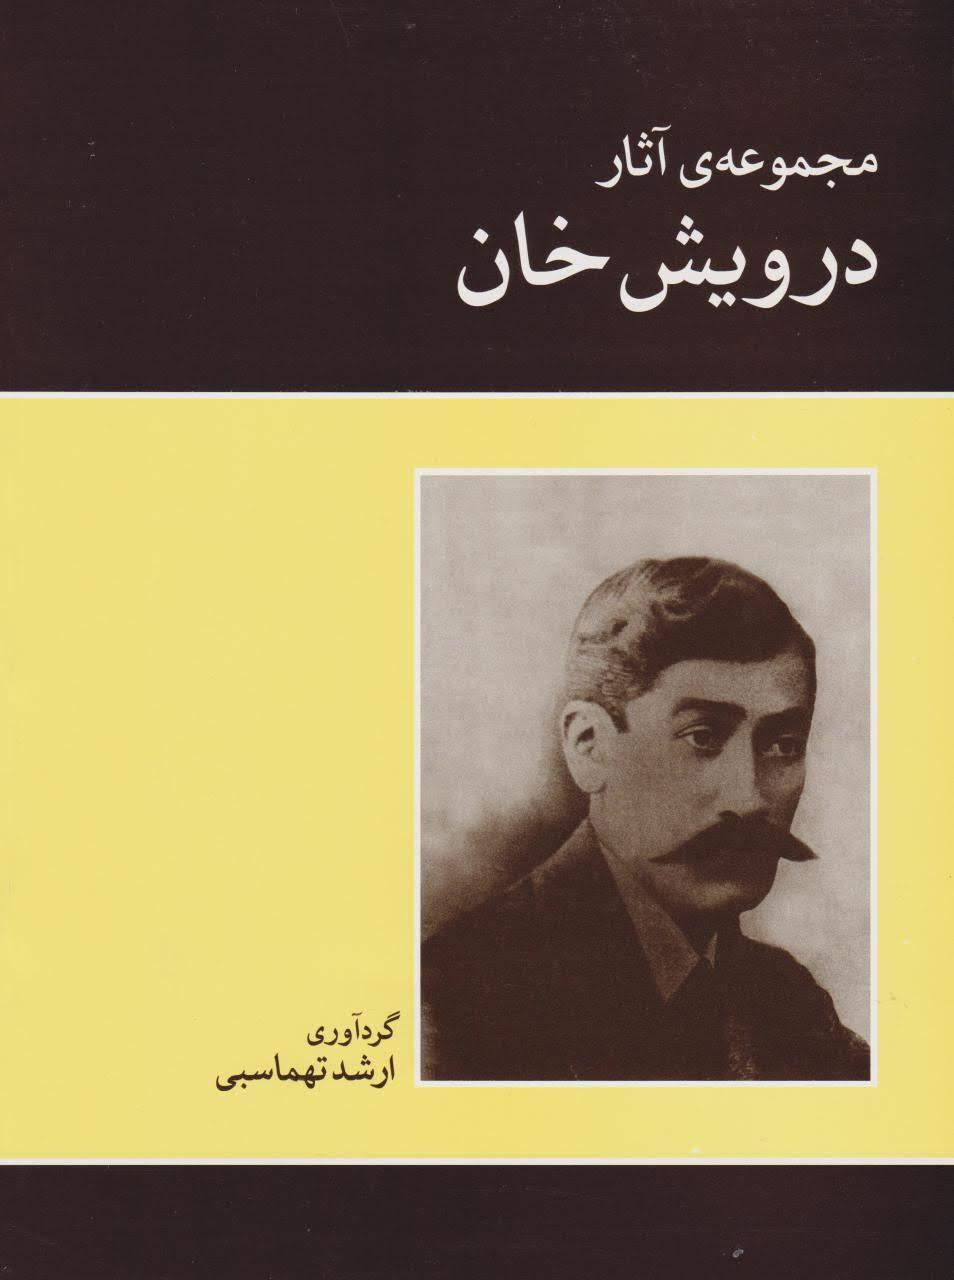 کتاب مجموعهی آثار (غلامحسین) درویشخان گردآوری ارشد تهماسبی انتشارات ماهور